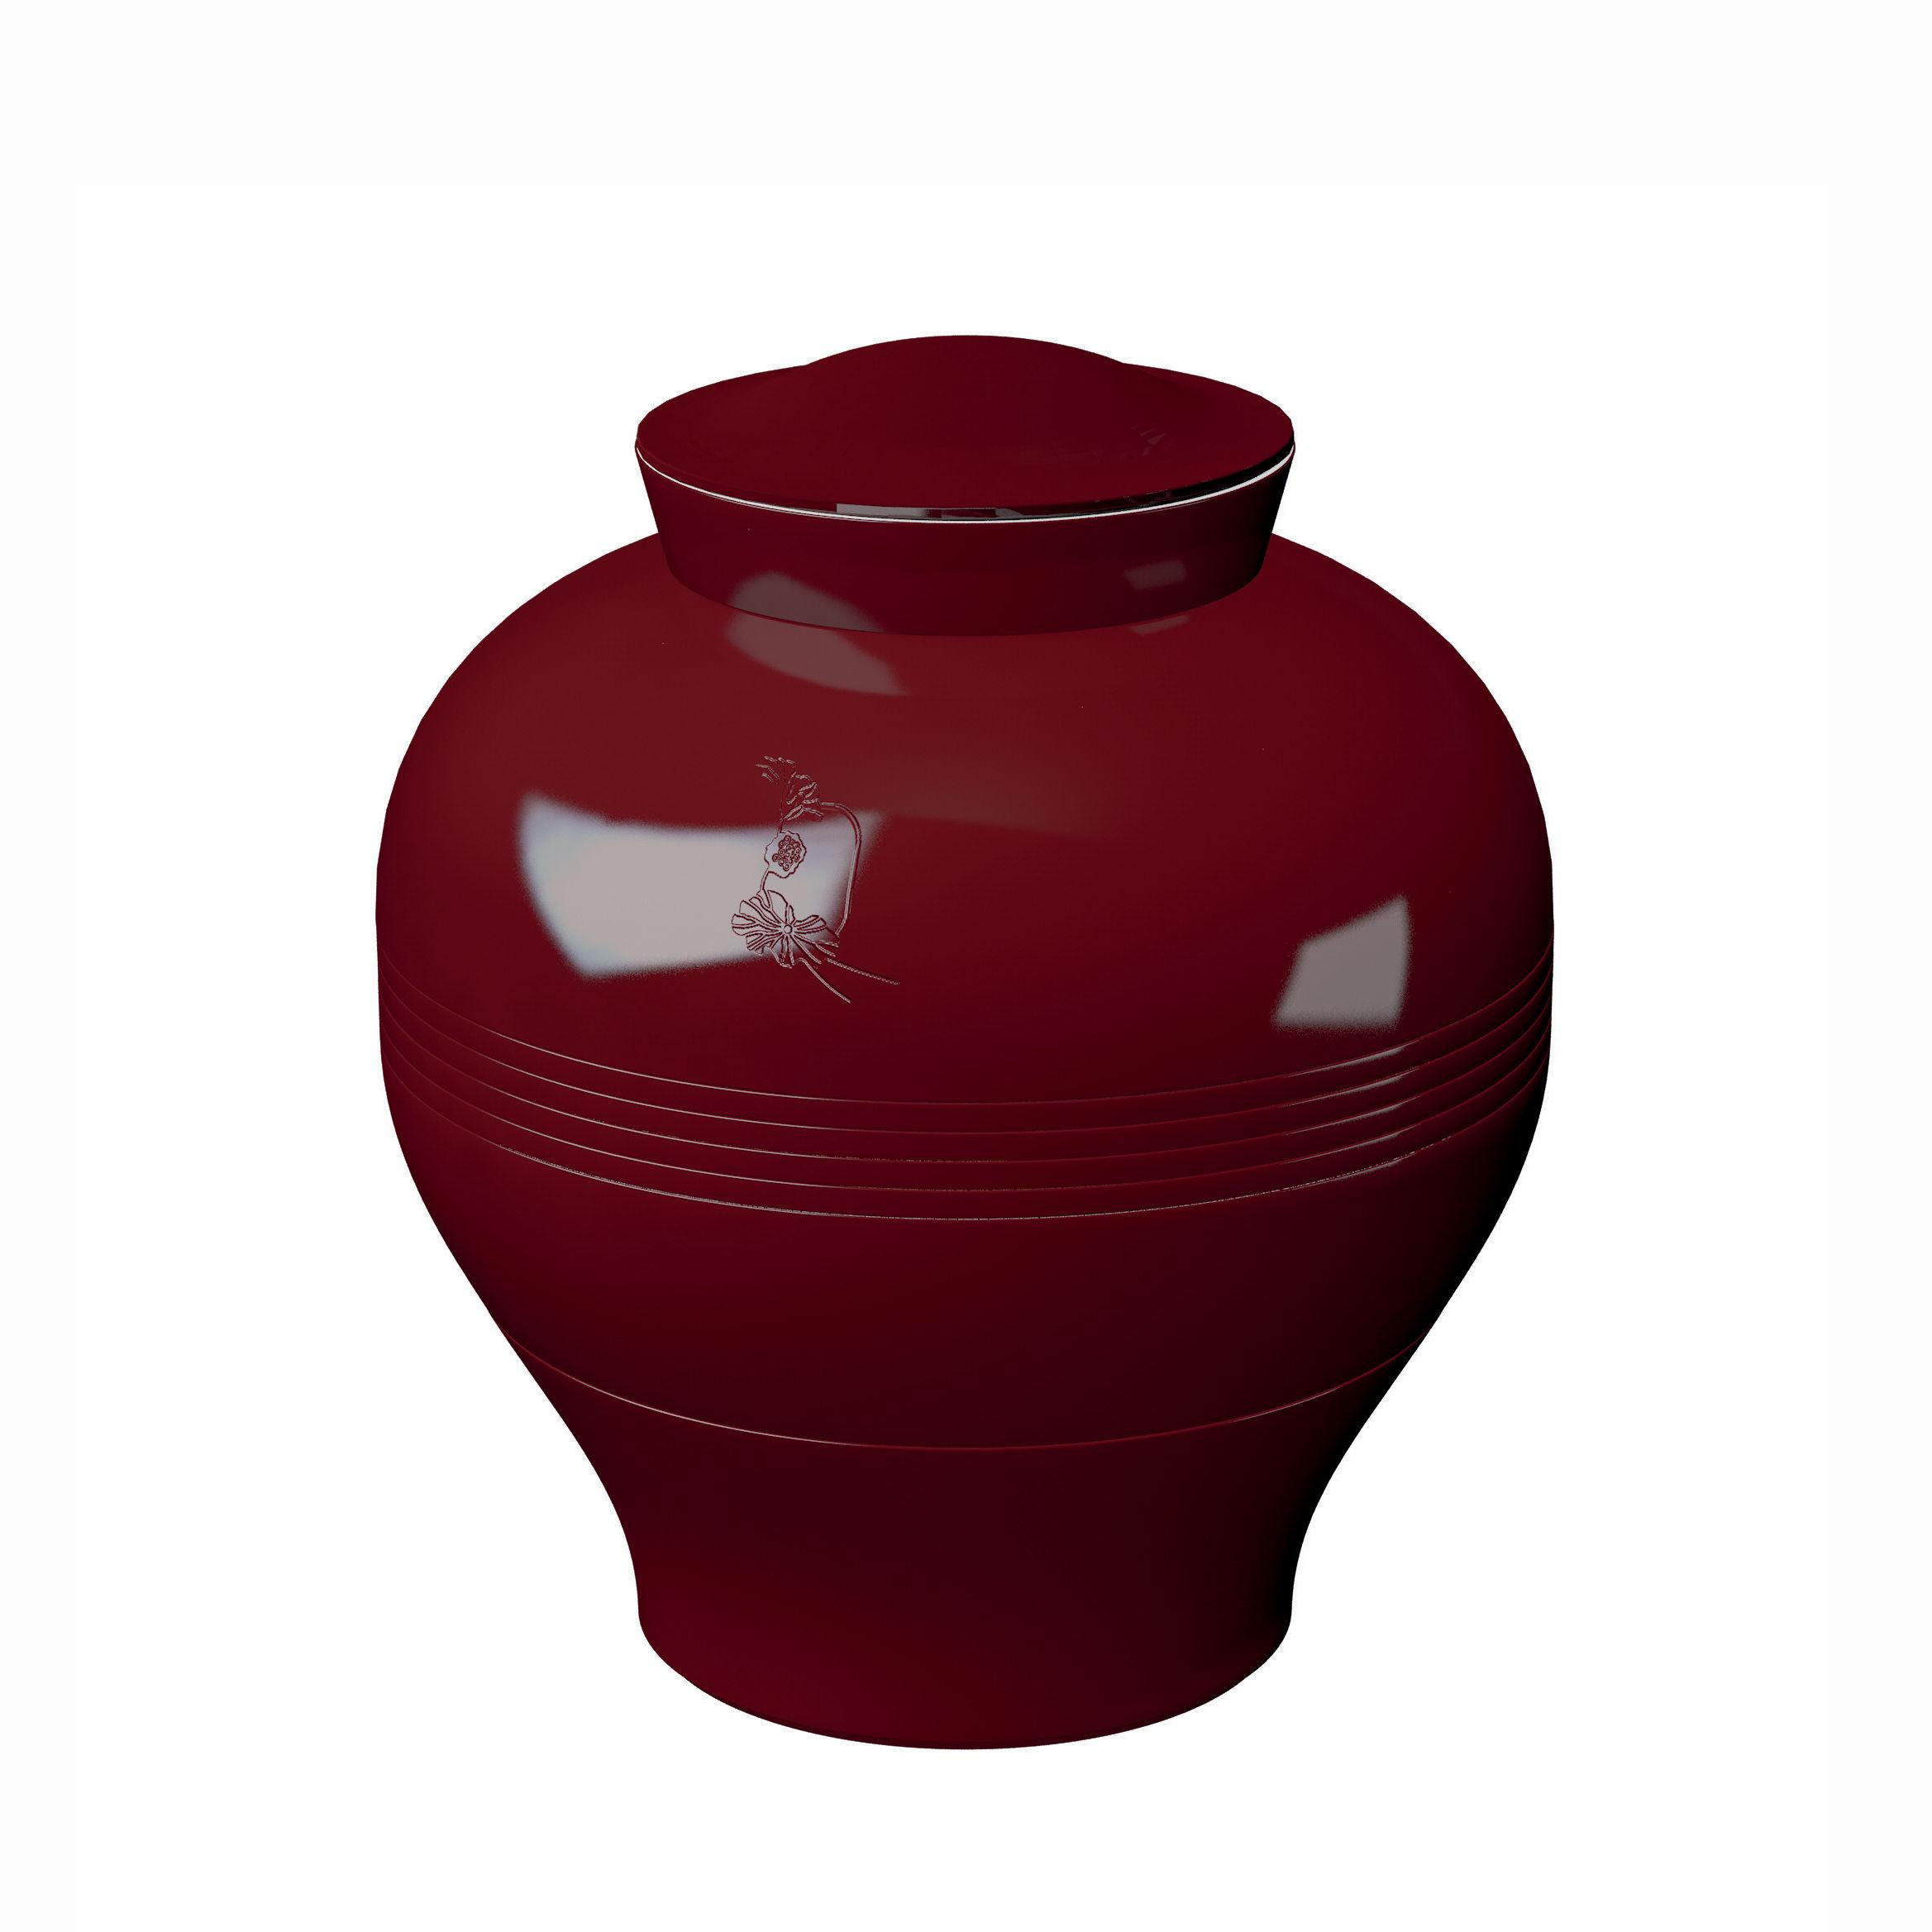 Tavola - Piatti  - Servizio da tavola Yuan Eden - / 8 elementi impilabili di Ibride - Porpora/ Motivi multicolori (Eden) - Melamina